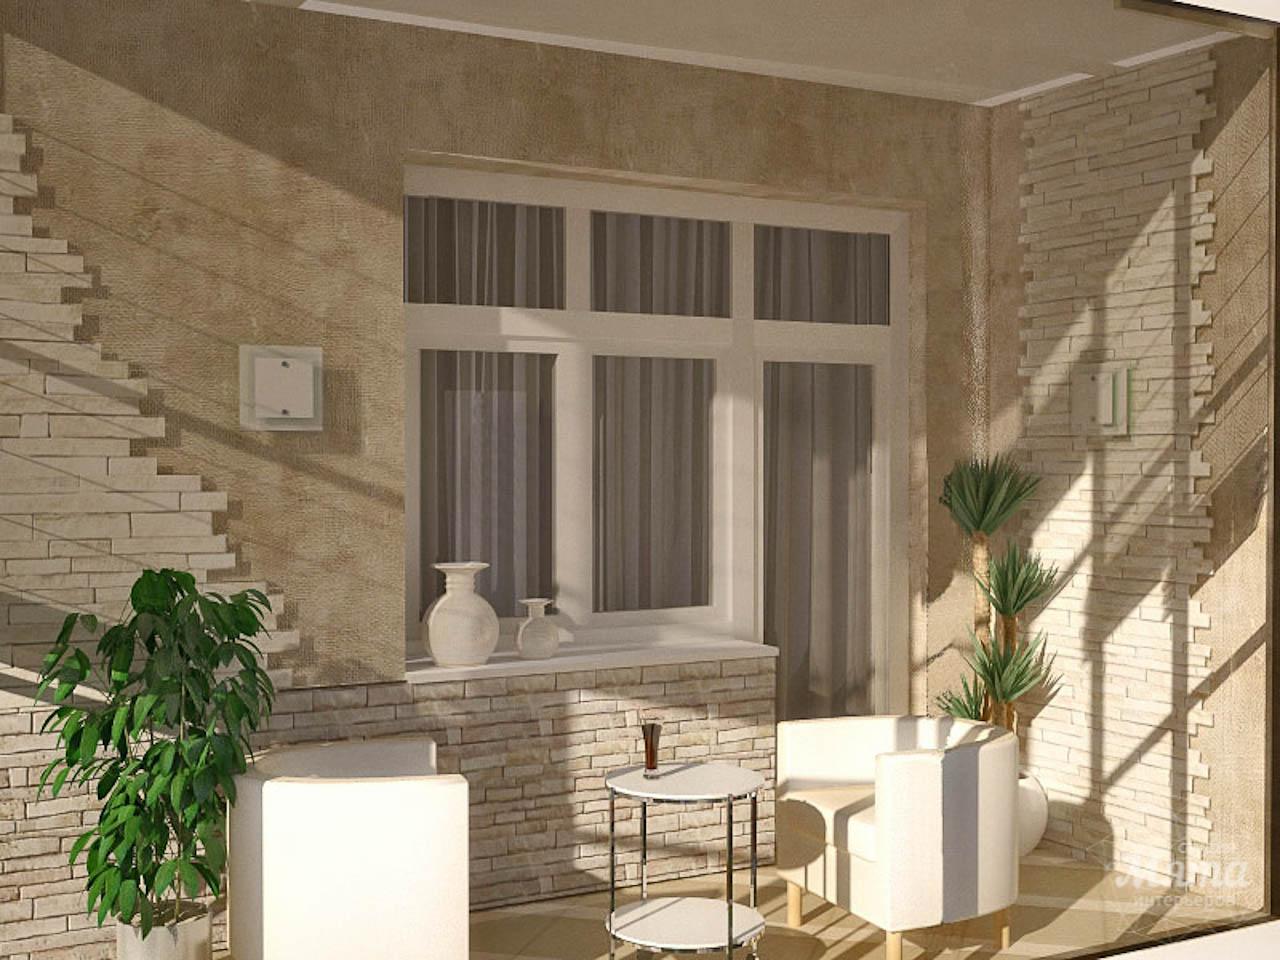 Дизайн интерьера трехкомнатной квартиры по ул. Папанина 18 img1710311500